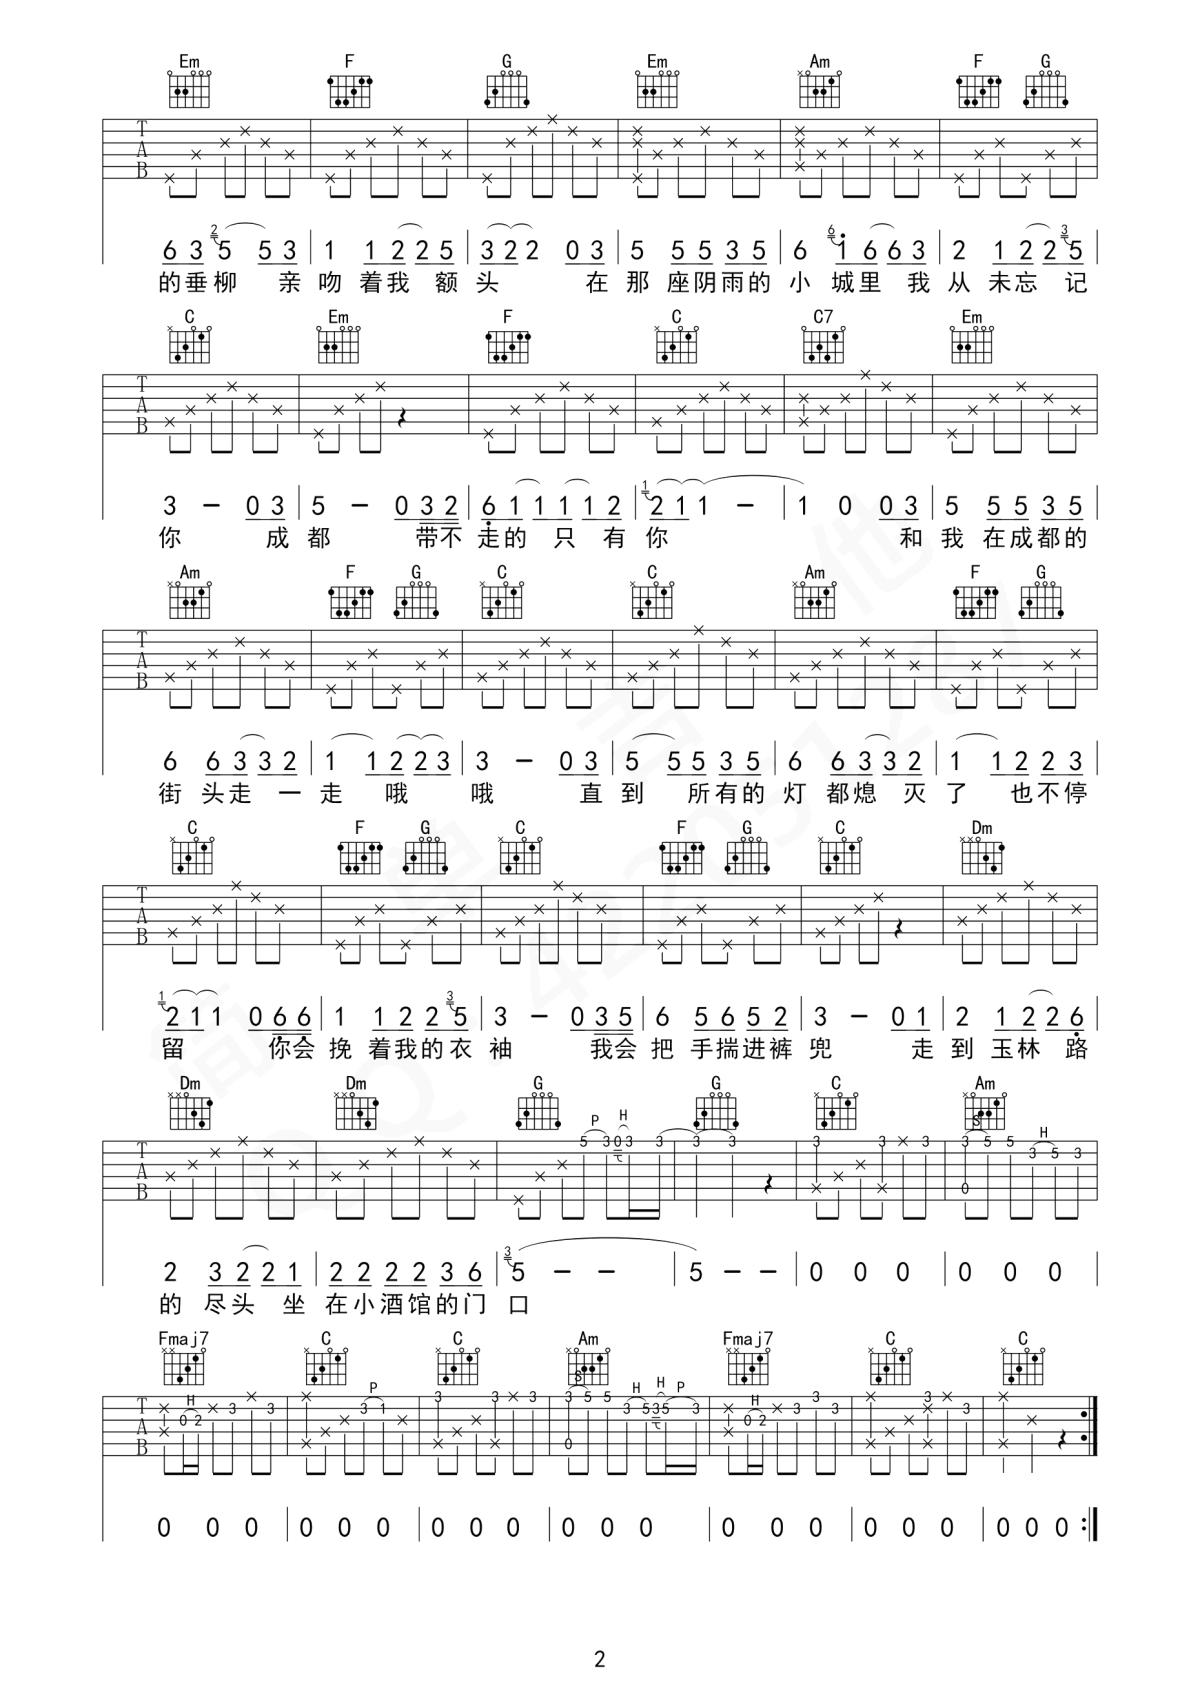 成都吉他谱 赵雷 C调经典原创民谣歌曲吉他弹唱六线谱2